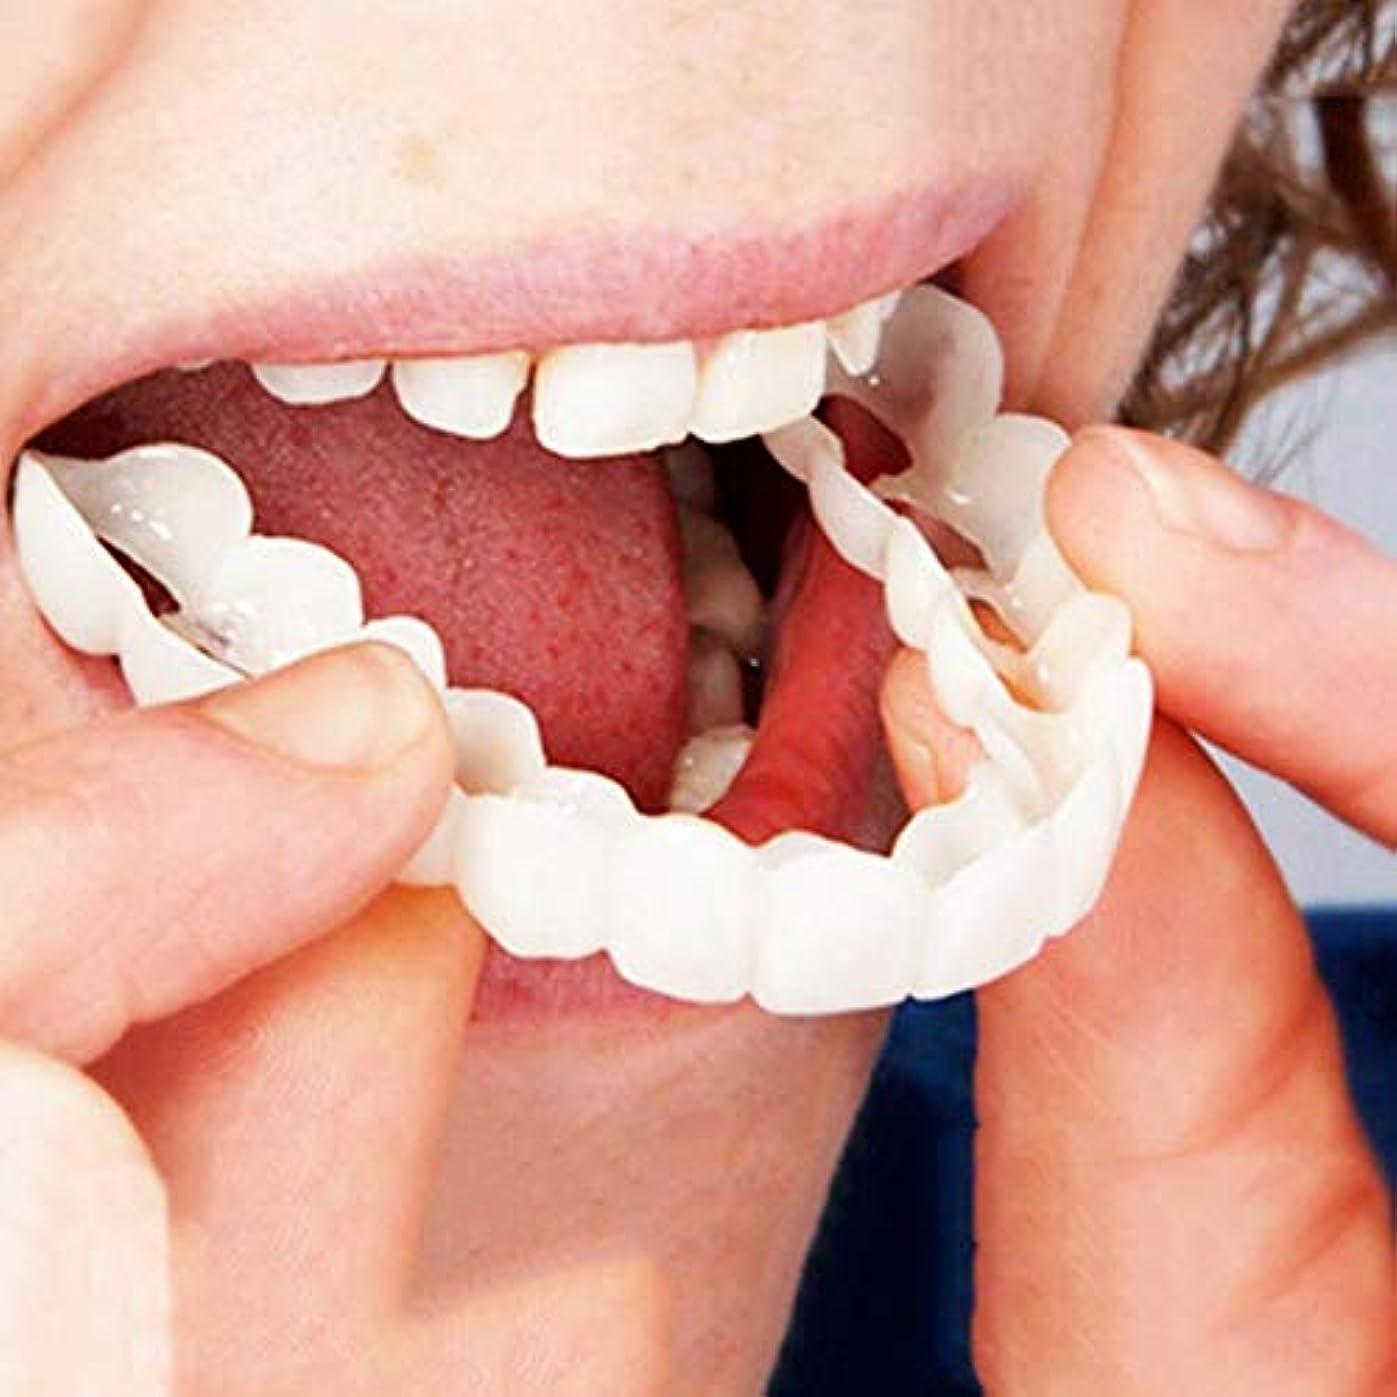 警察署発揮する追加するTerGOOSE 歯 矯正 矯正器 歯を白く 矯正用リテーナー 完璧な笑顔 快適な 歯列矯正 歯並び 噛み合わせ 歯リテイナー 歯ぎしり いびき防止 多機能 健康管理ツール 歯の損傷を防ぐ 有効 (下+上)